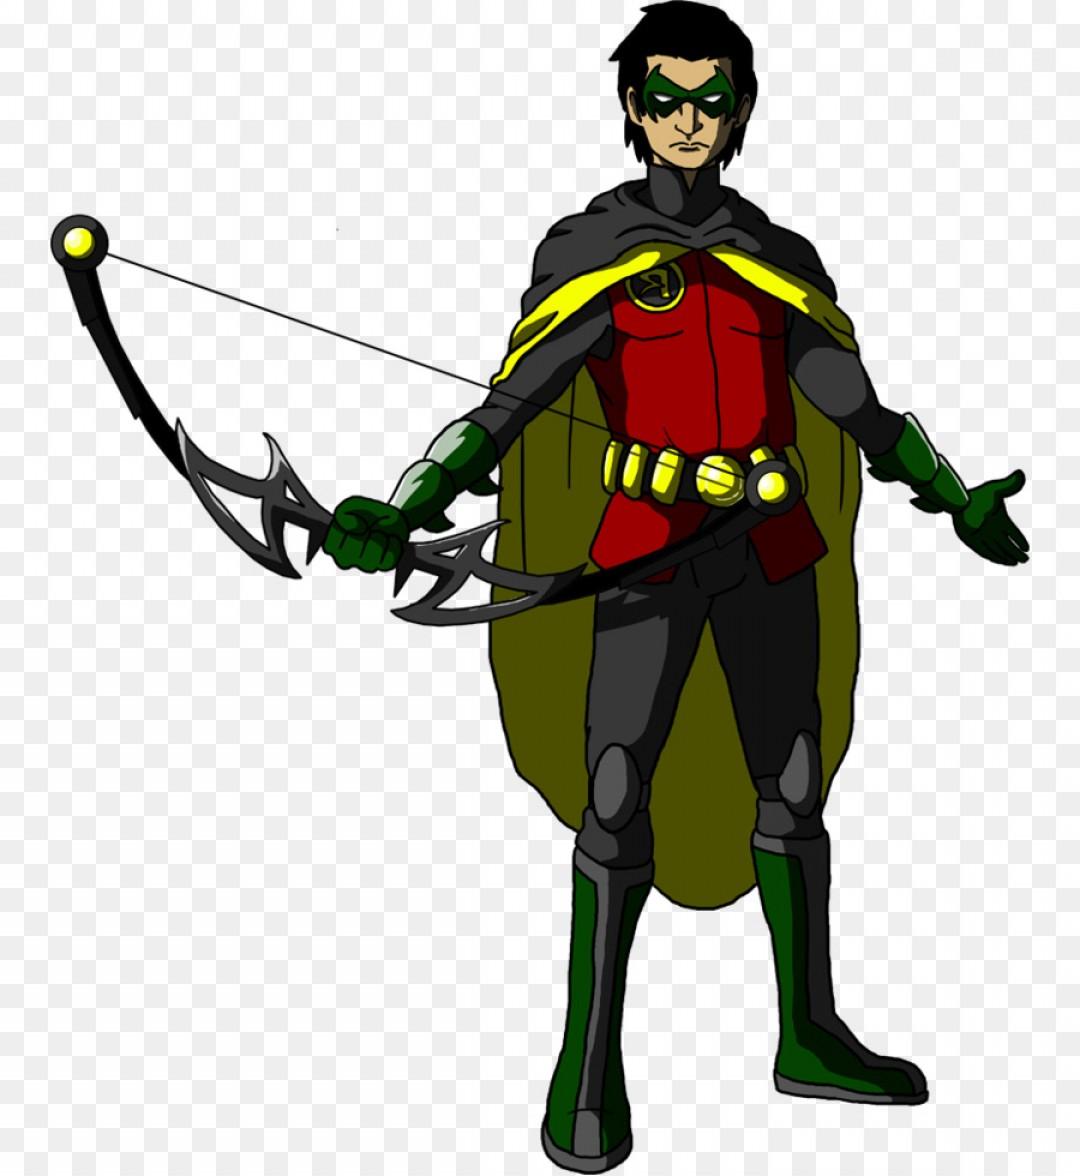 Png Damian Wayne Robin Batman Ra S Al Ghul Nightwing S.